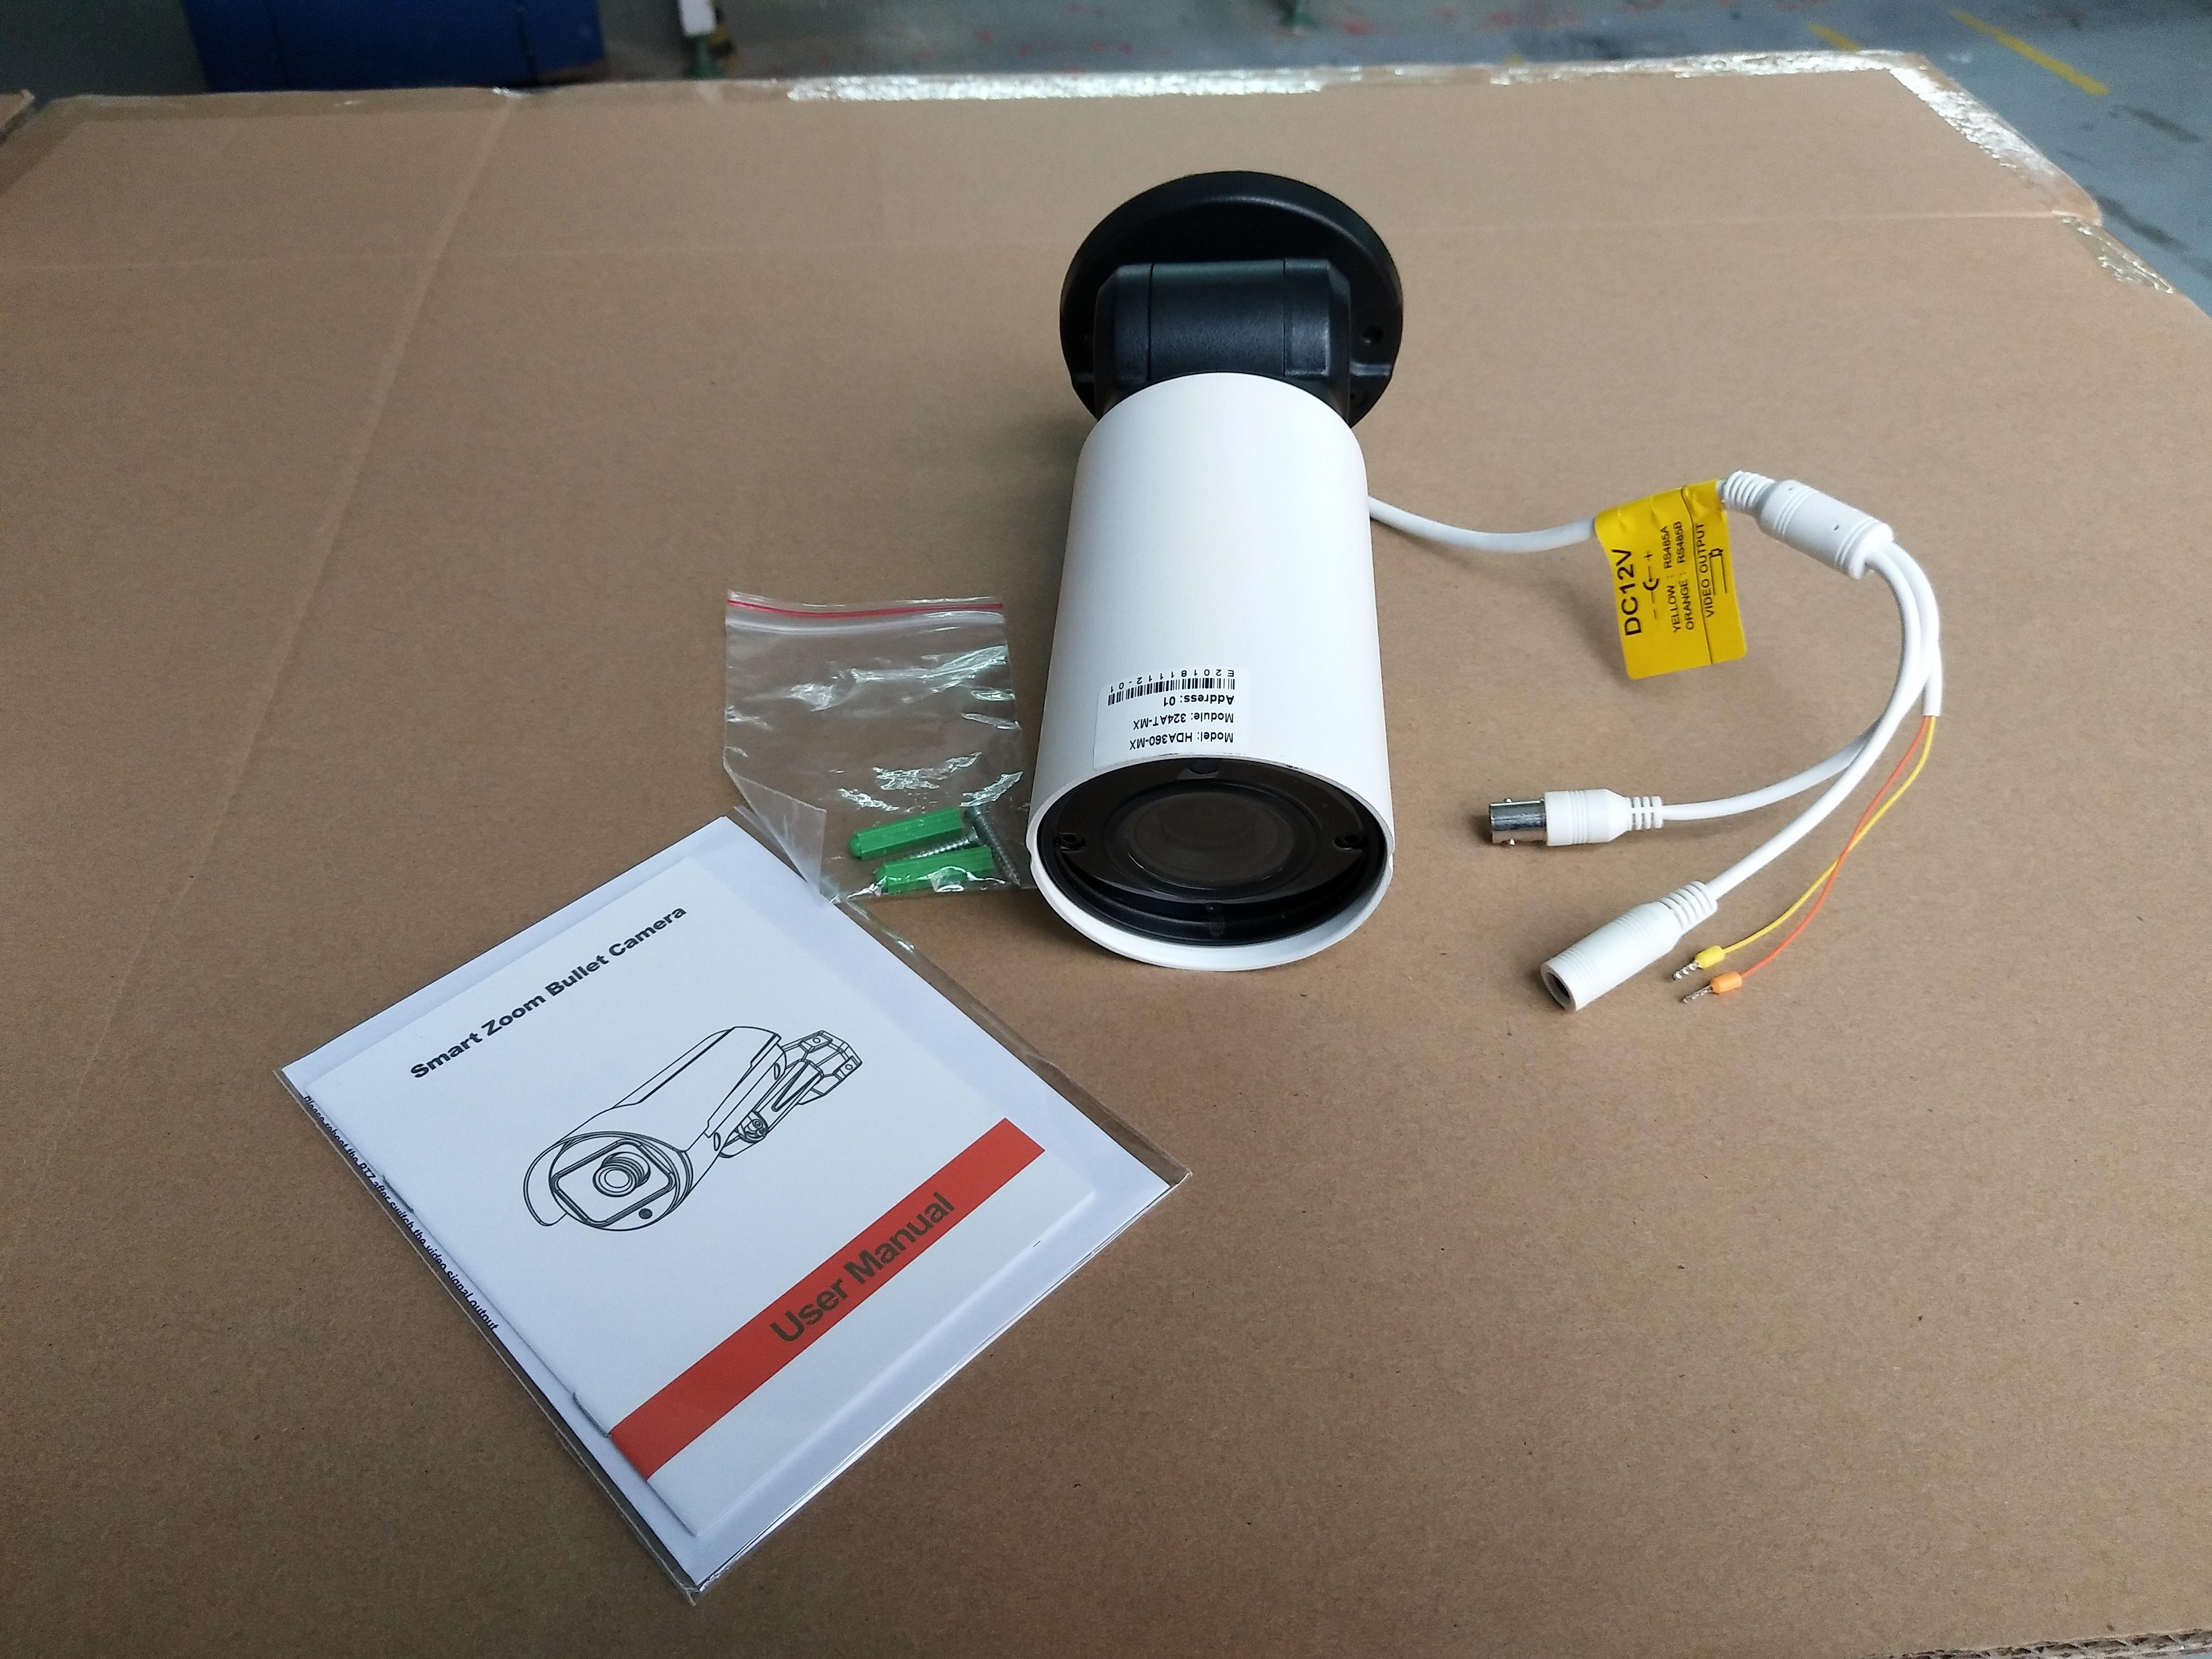 1080P 2MP Motorized 2.8-12mm Auto-Focus Lens IR Motion Detection Pan Tilt Zoom Bullet Security PTZ Camera